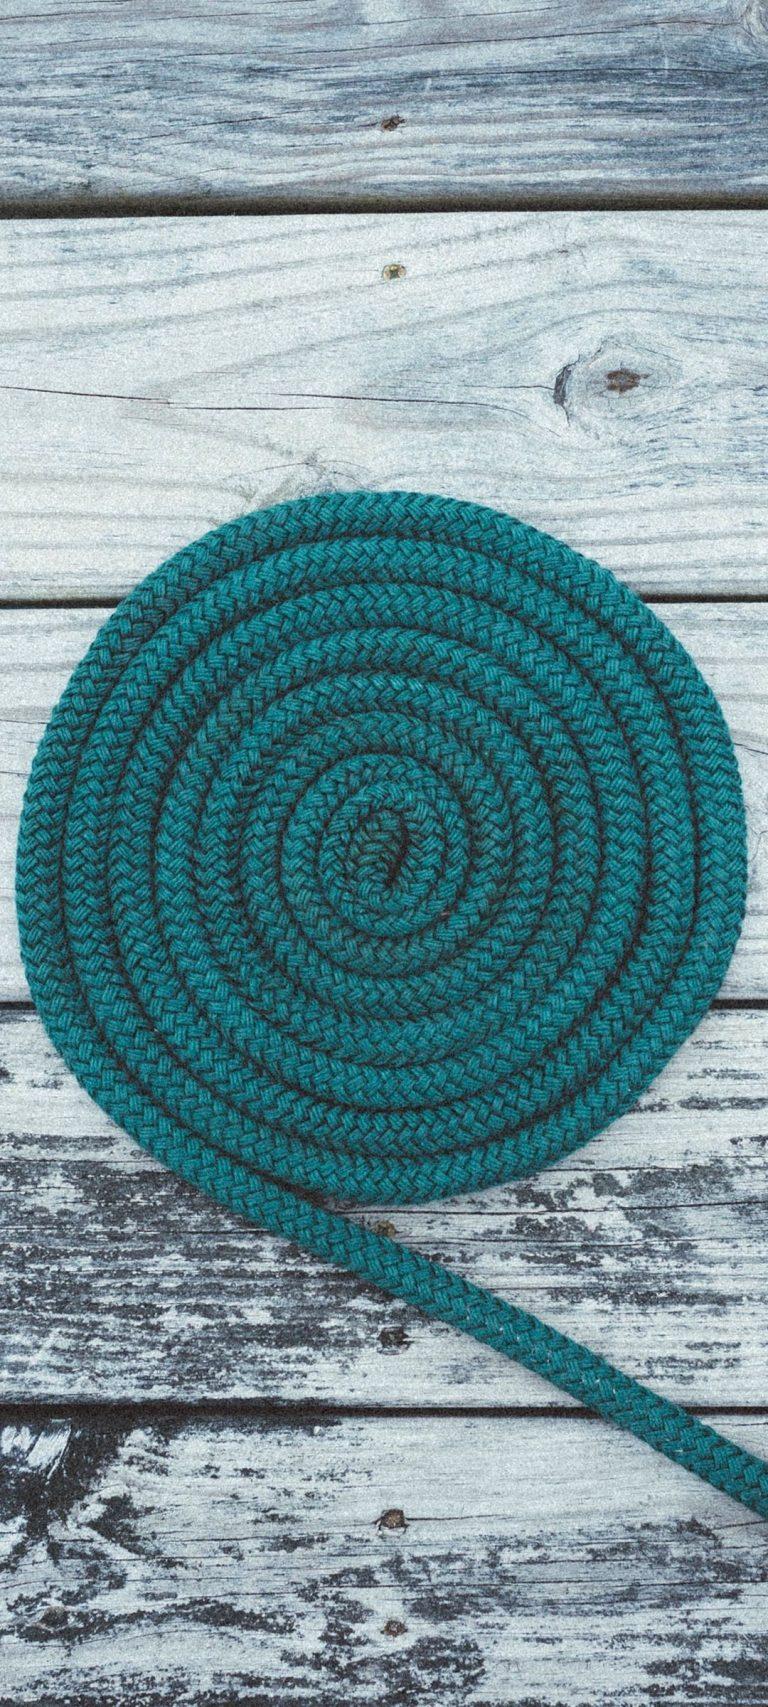 Deck Rope Spiral 1080x2400 768x1707